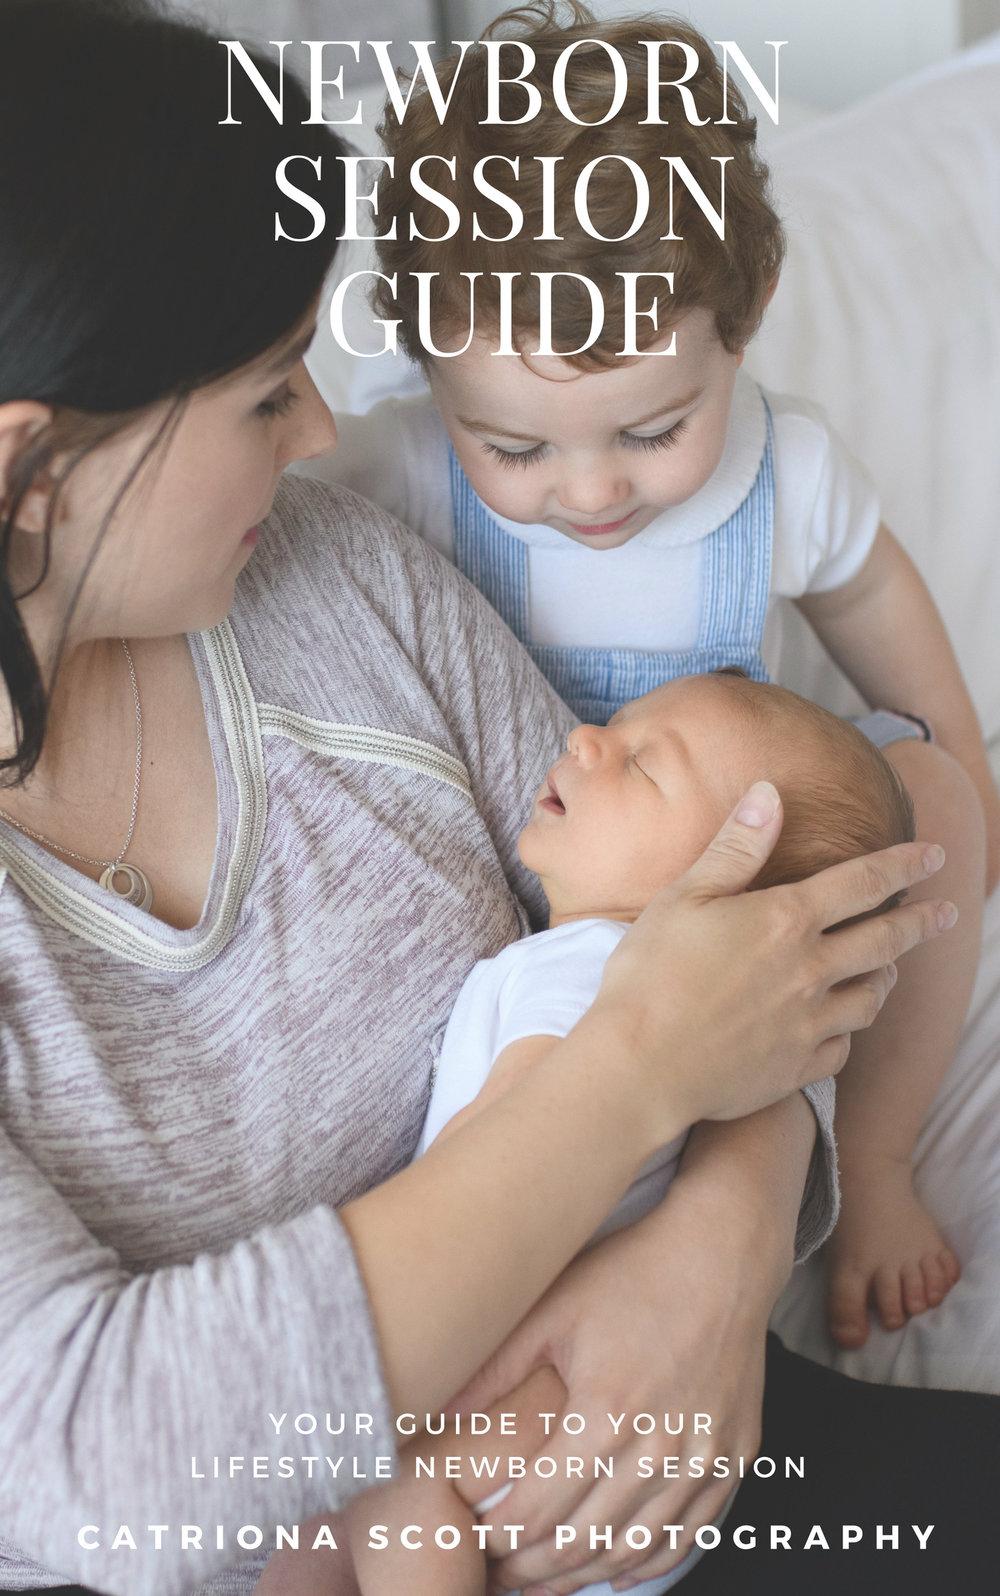 Newborn guide jpg